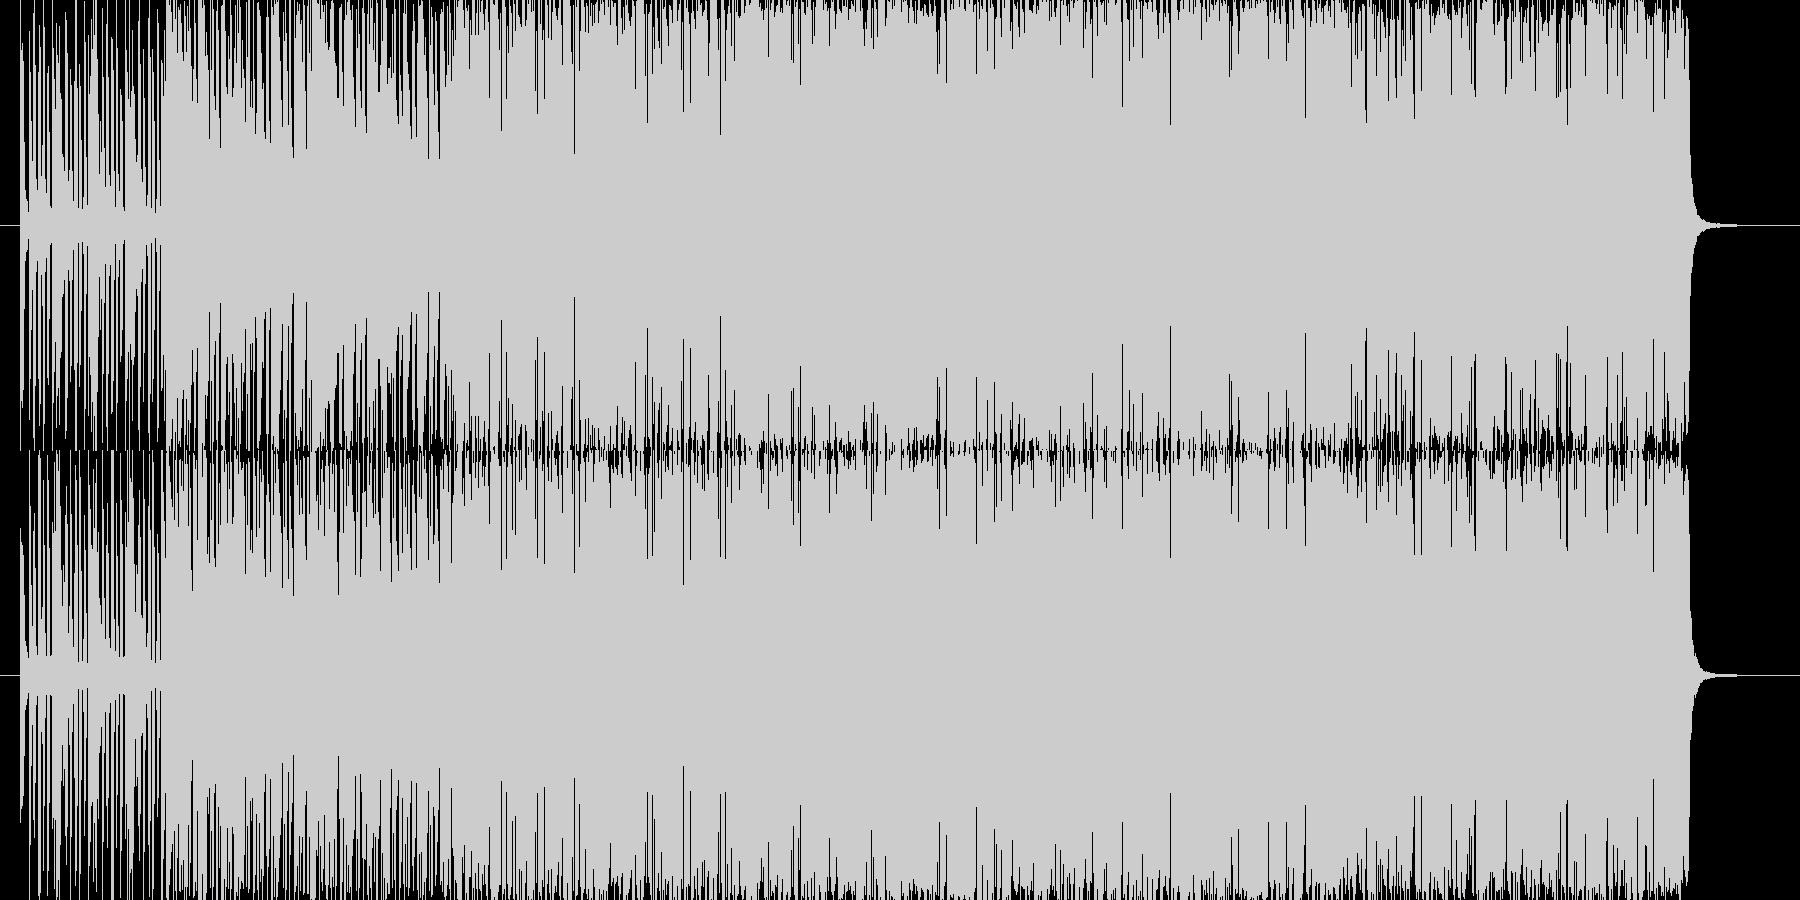 リズミカルなレゲェヴォーカルサウンドの未再生の波形